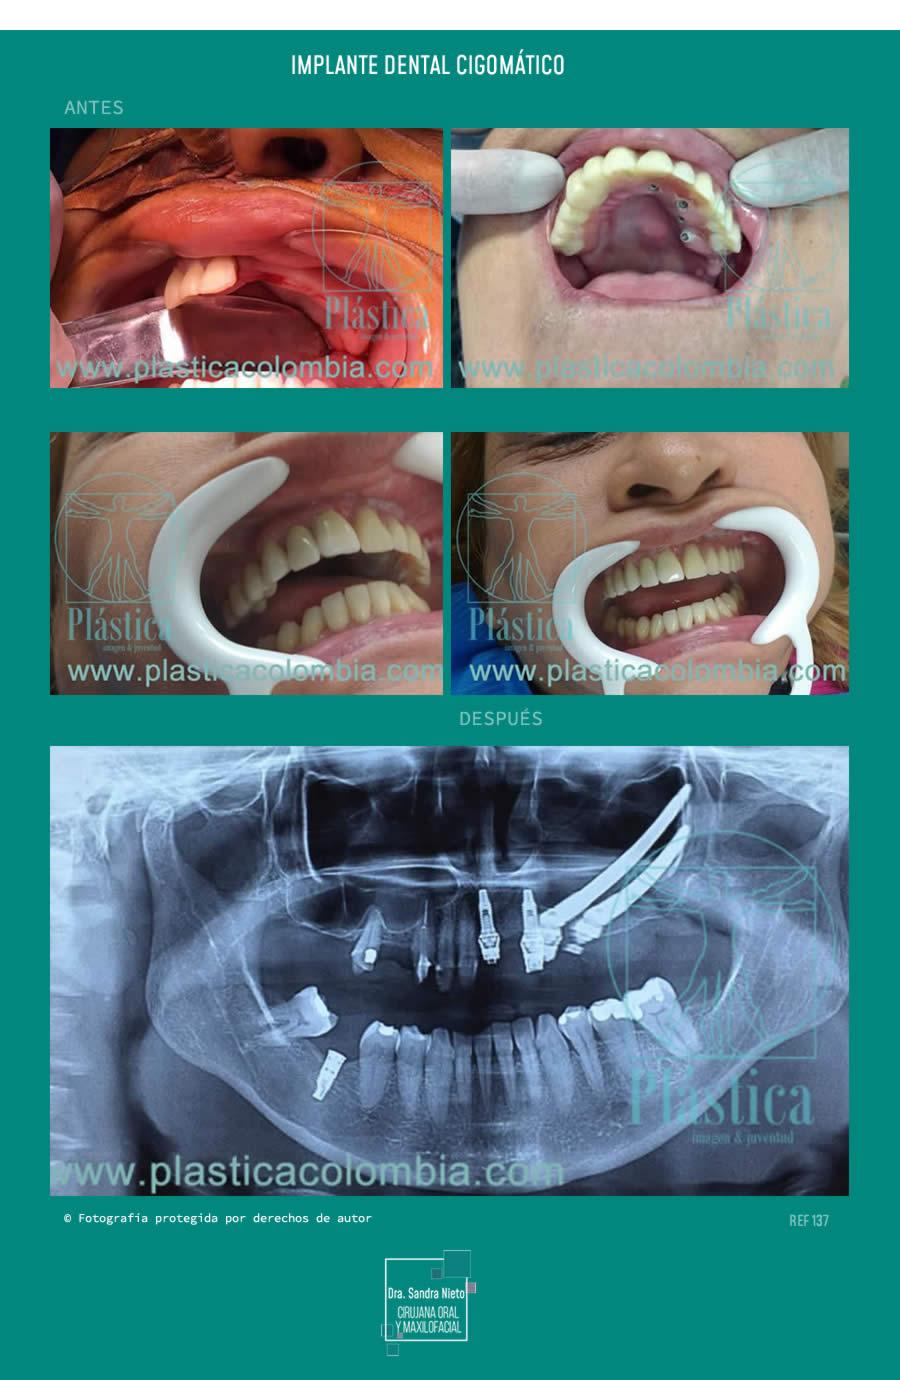 Foto Implante Dental Cigomático Precio